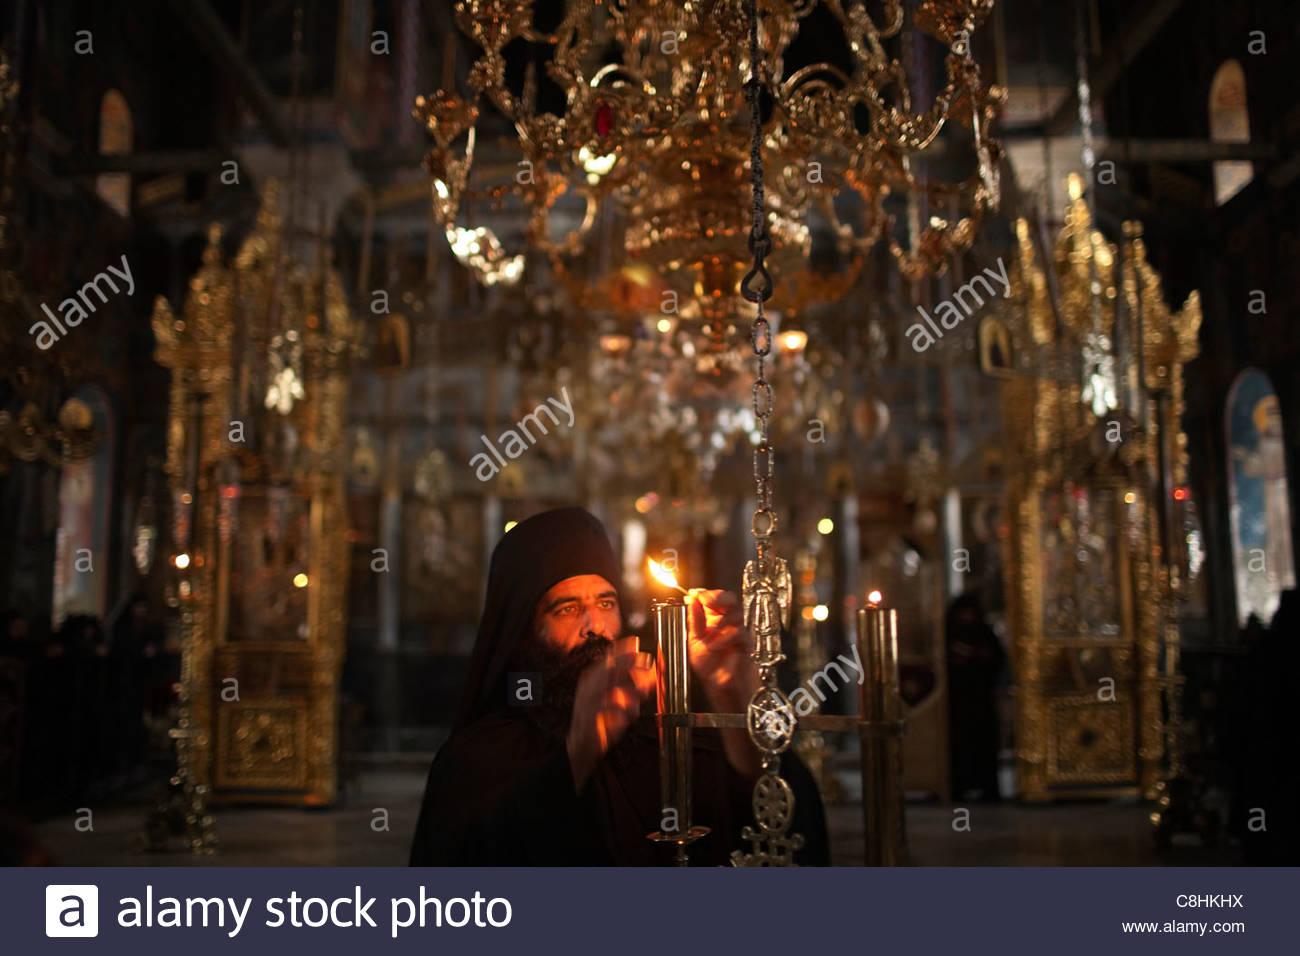 Un moine allume une bougie lors d'un service au monastère Xenofontos. Photo Stock